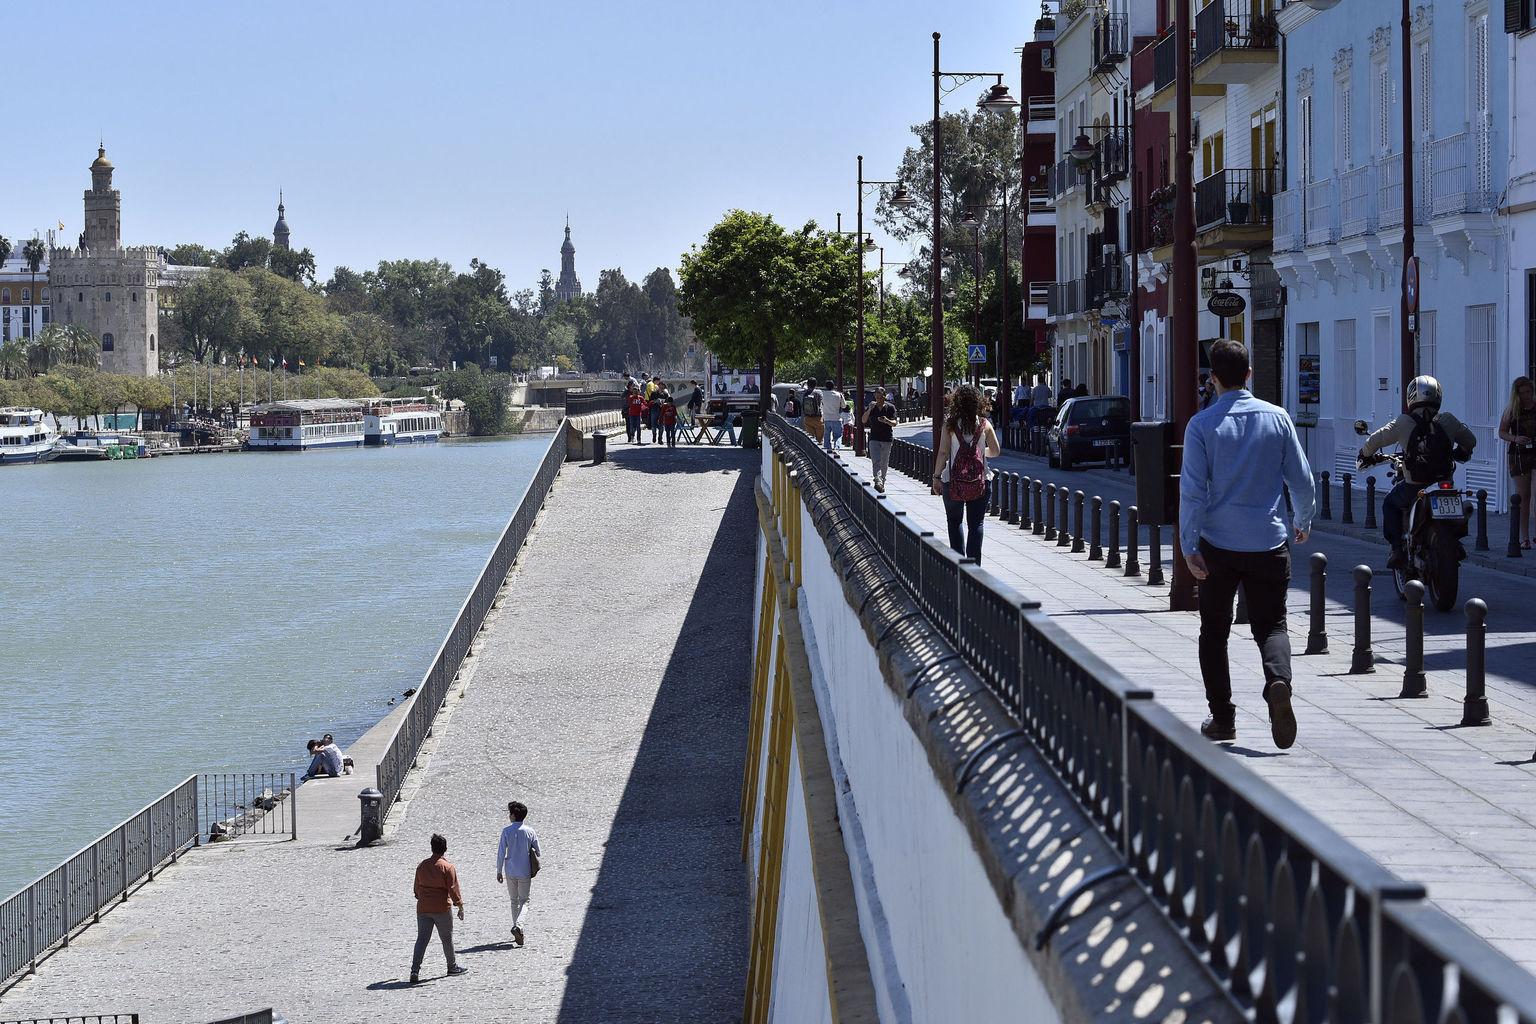 Las 10 calles más interesantes de España 8